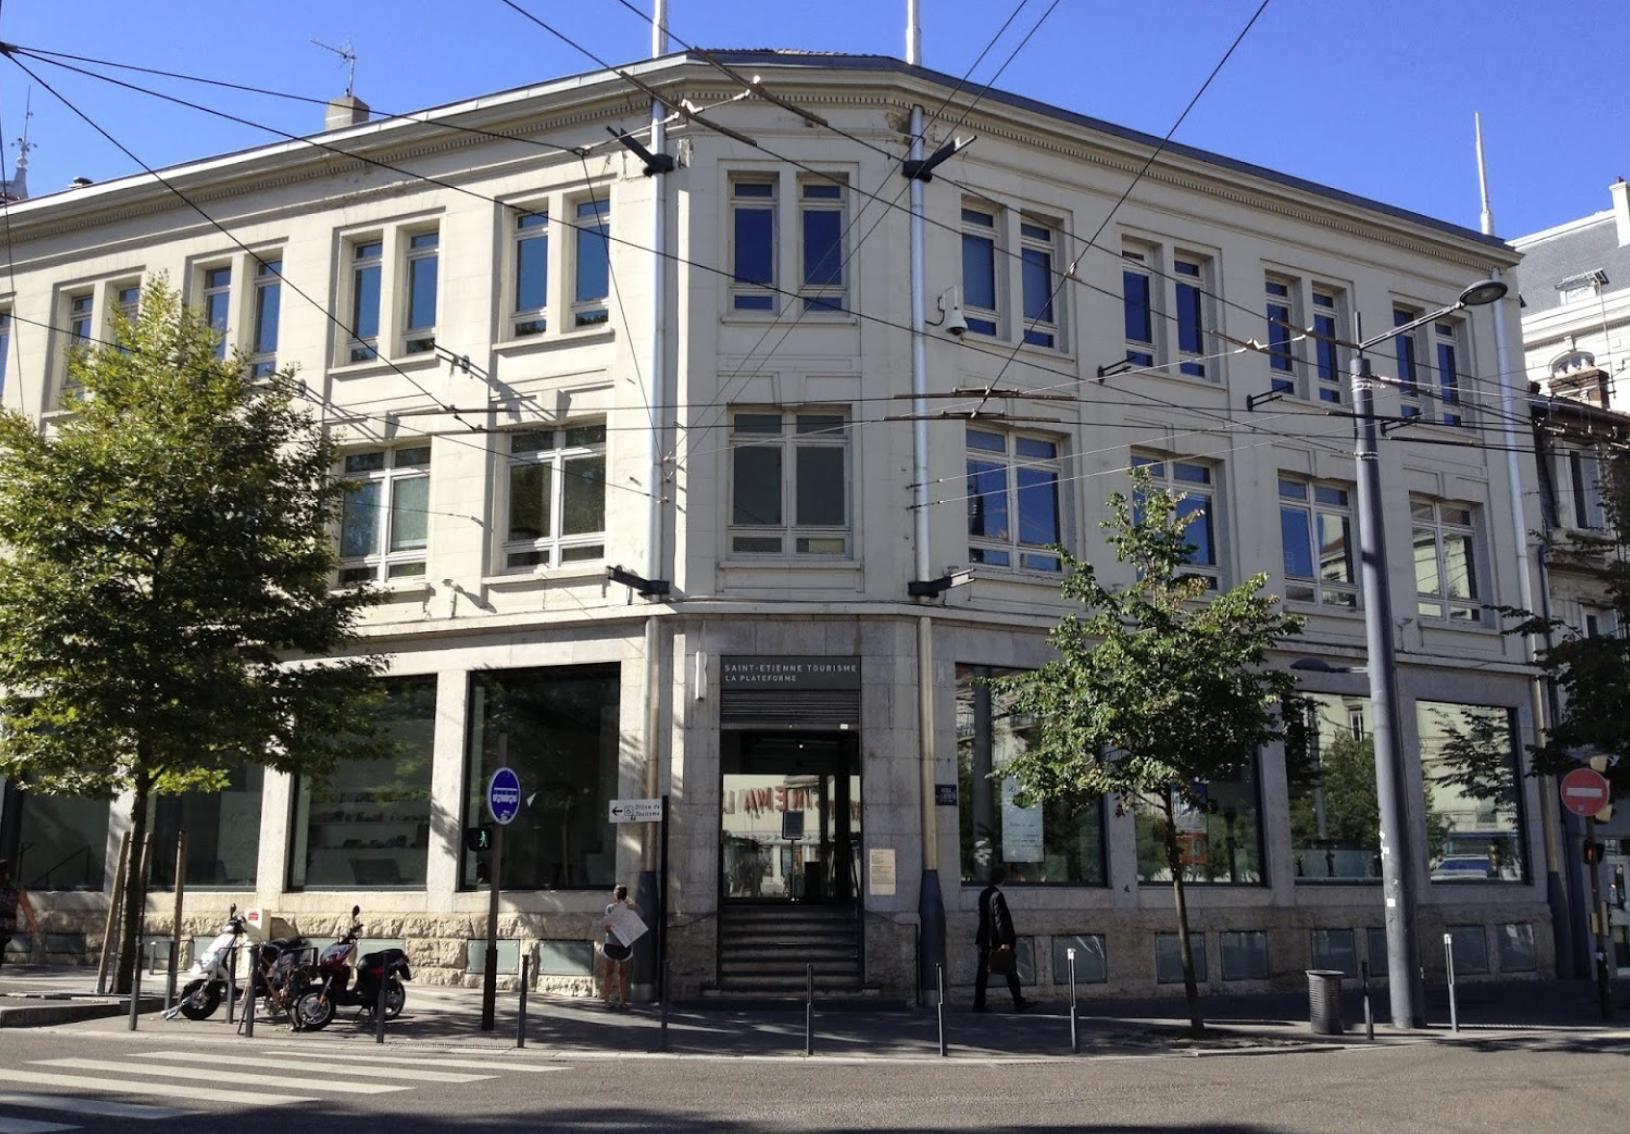 Atenao gagne l'appel d'offres de l'office de tourisme de Saint Etienne